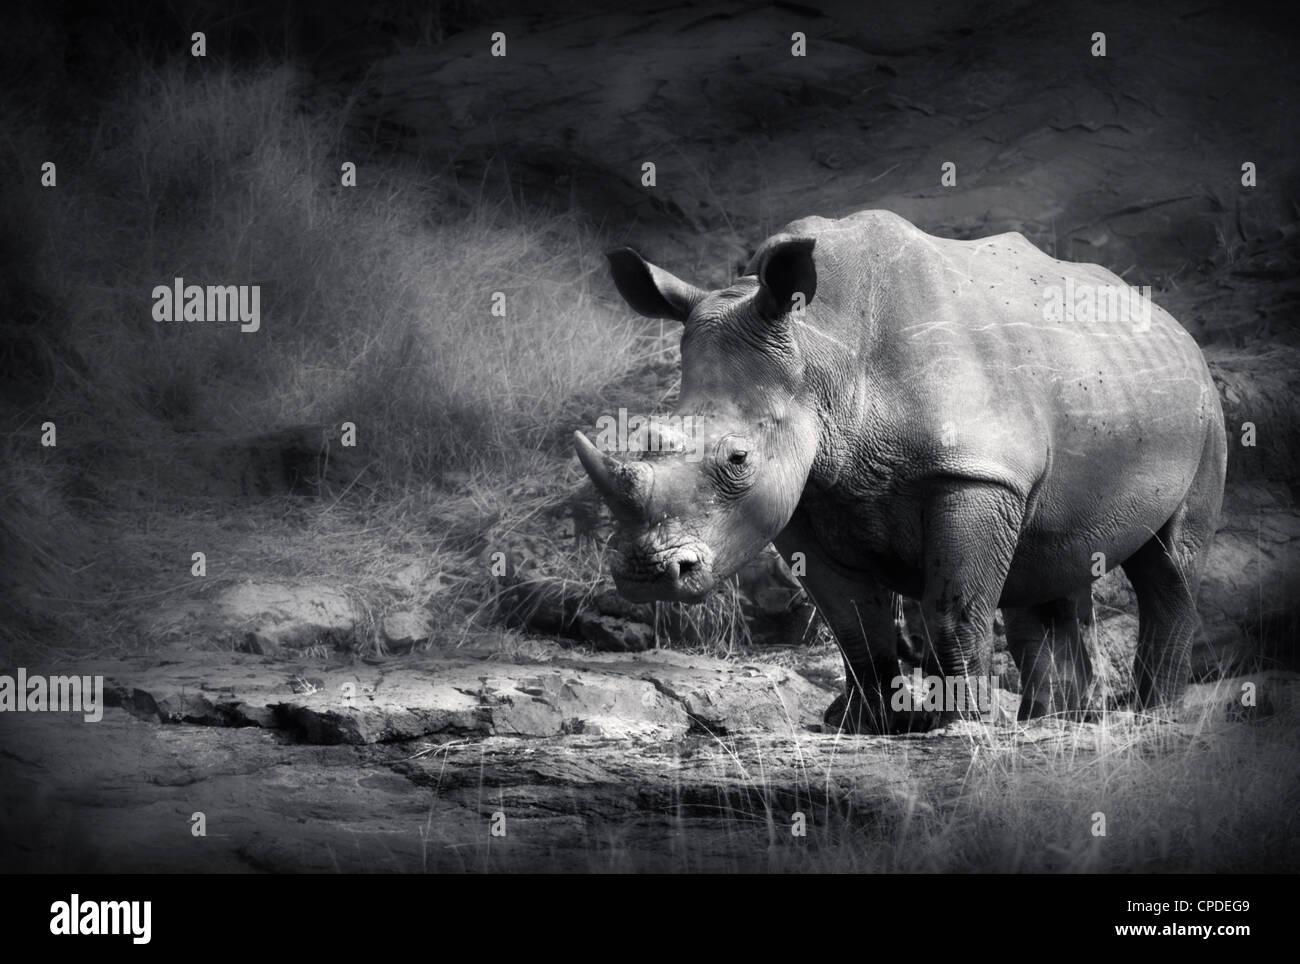 El rinoceronte blanco (procesamiento artístico) Imagen De Stock